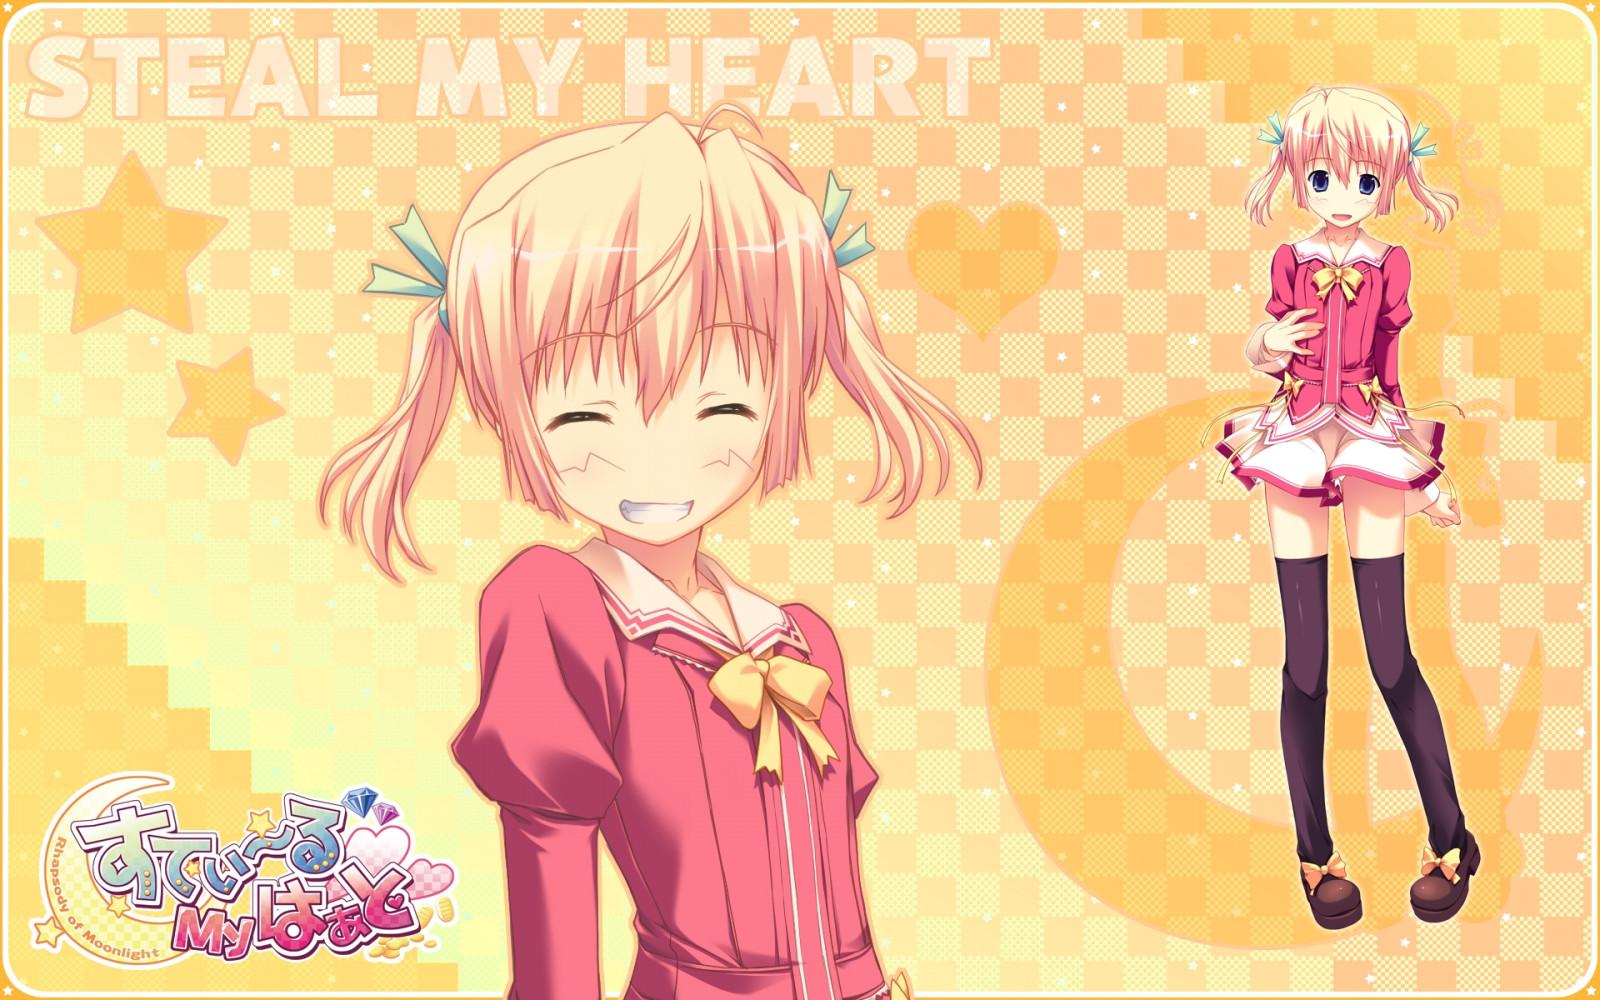 Wallpaper Ilustrasi Anime Gambar Kartun Rok Imut